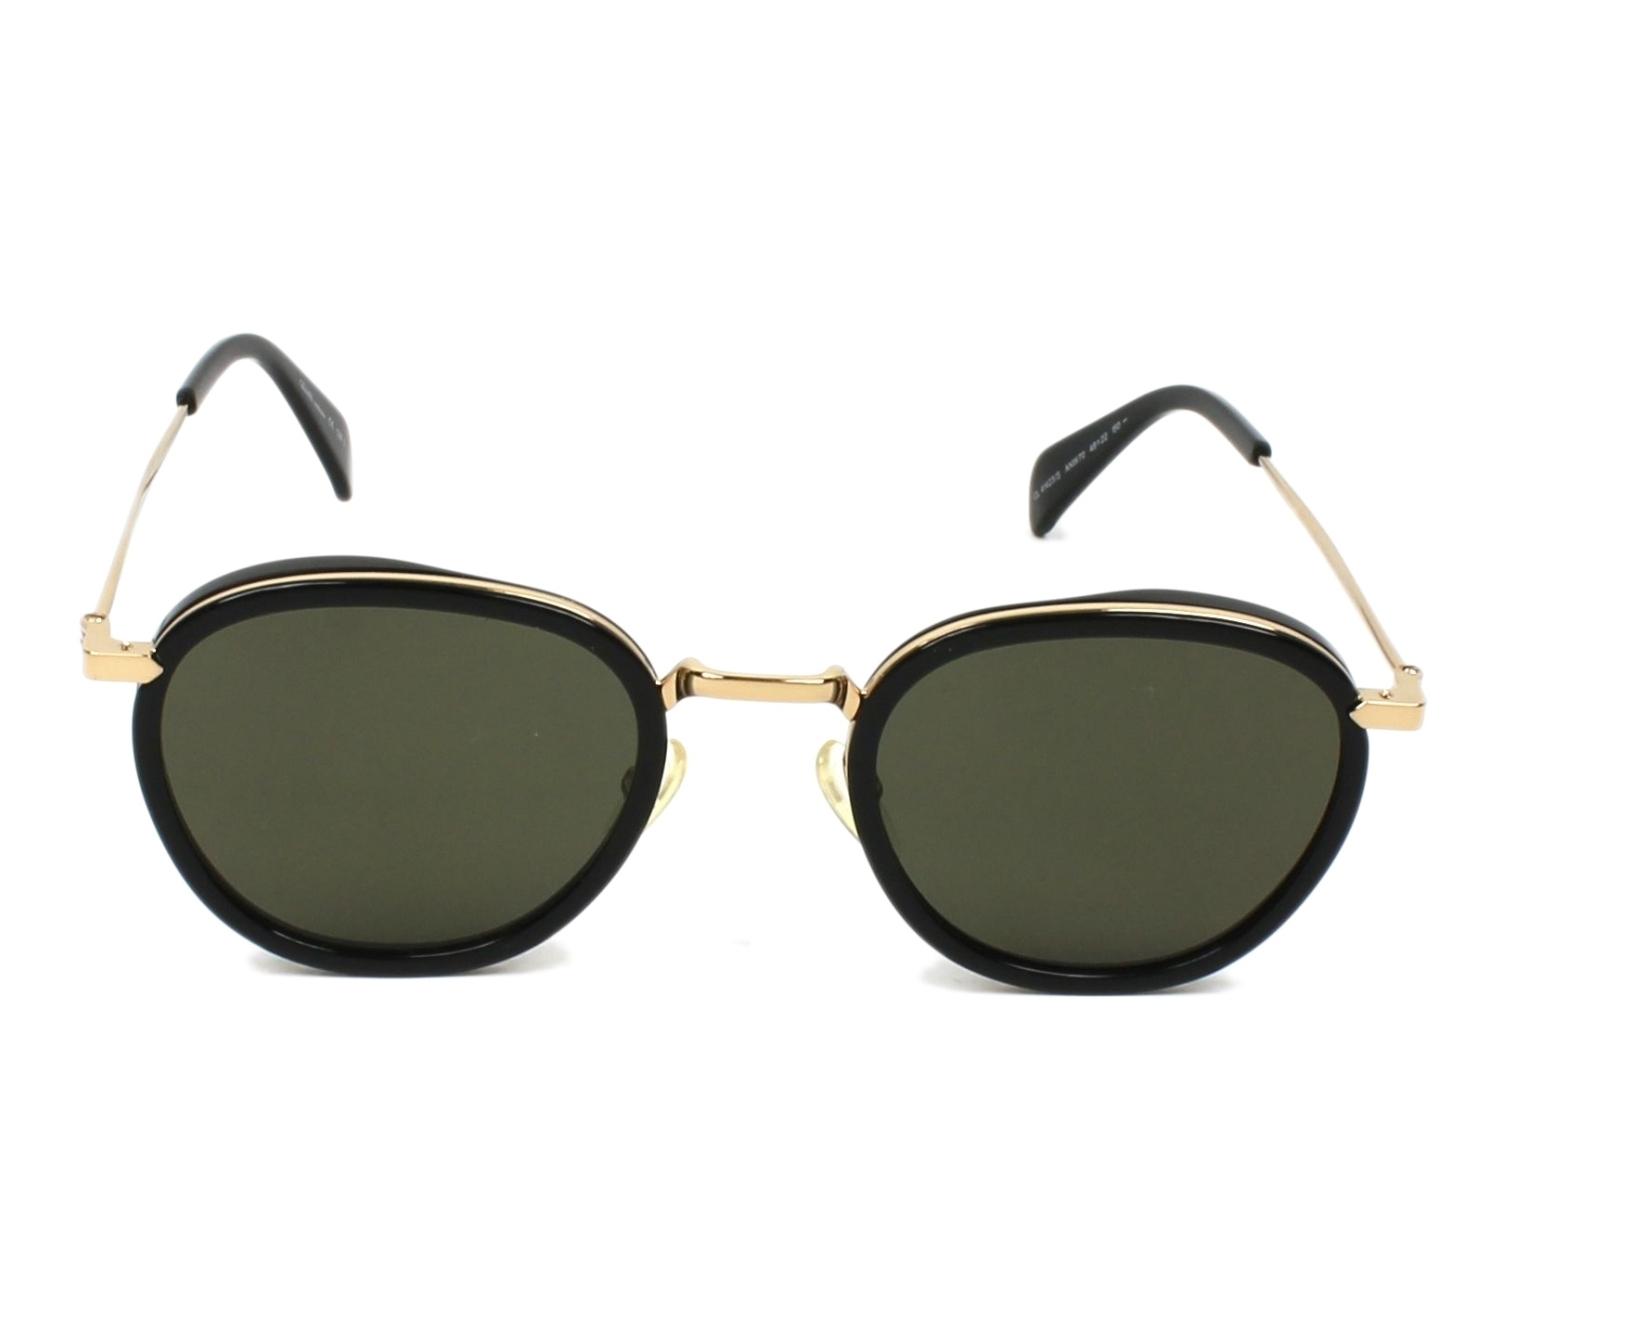 bd32ea64f957 Sunglasses Céline CL-41423 ANW 70 48-22 Black Gold front view